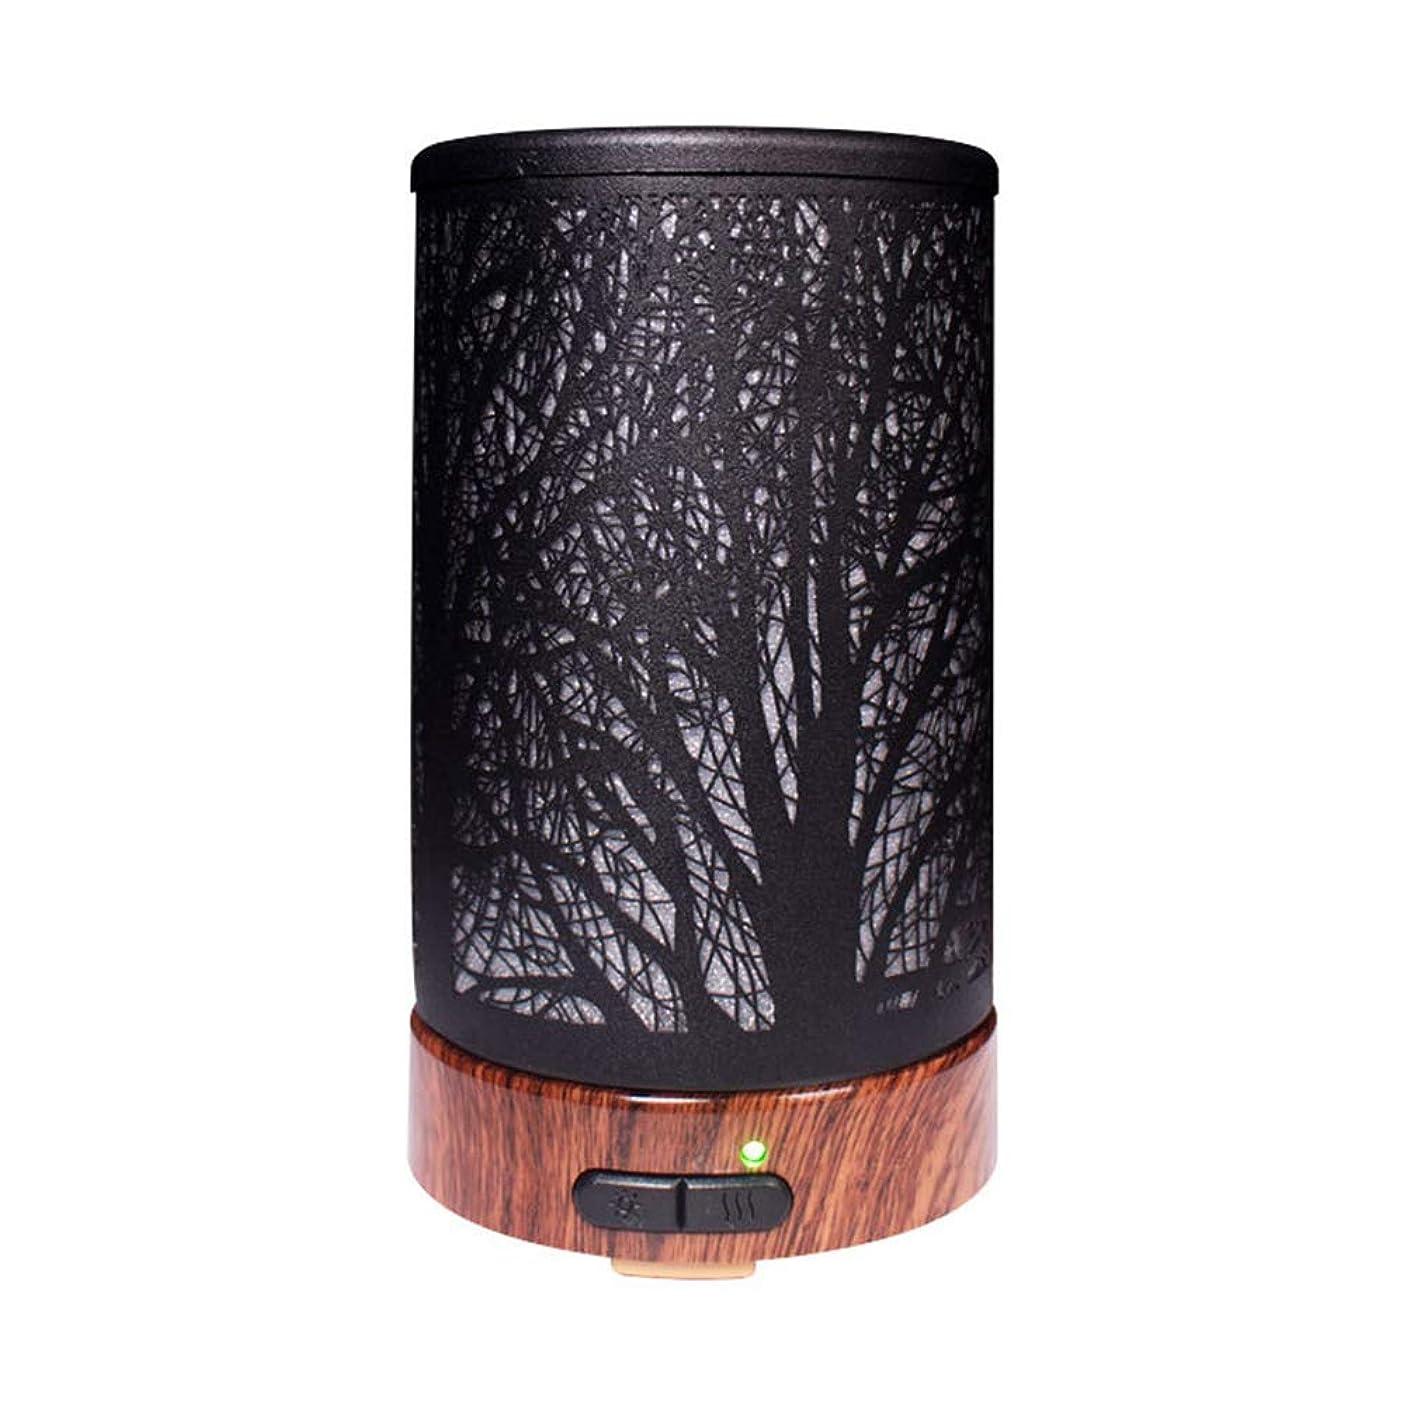 ワーム先見の明貞エッセンシャルオイルディフューザーと加湿器、ミストエッセンシャルオイルアロマ加湿器用の超音波アロマディフューザー、7色LEDライト